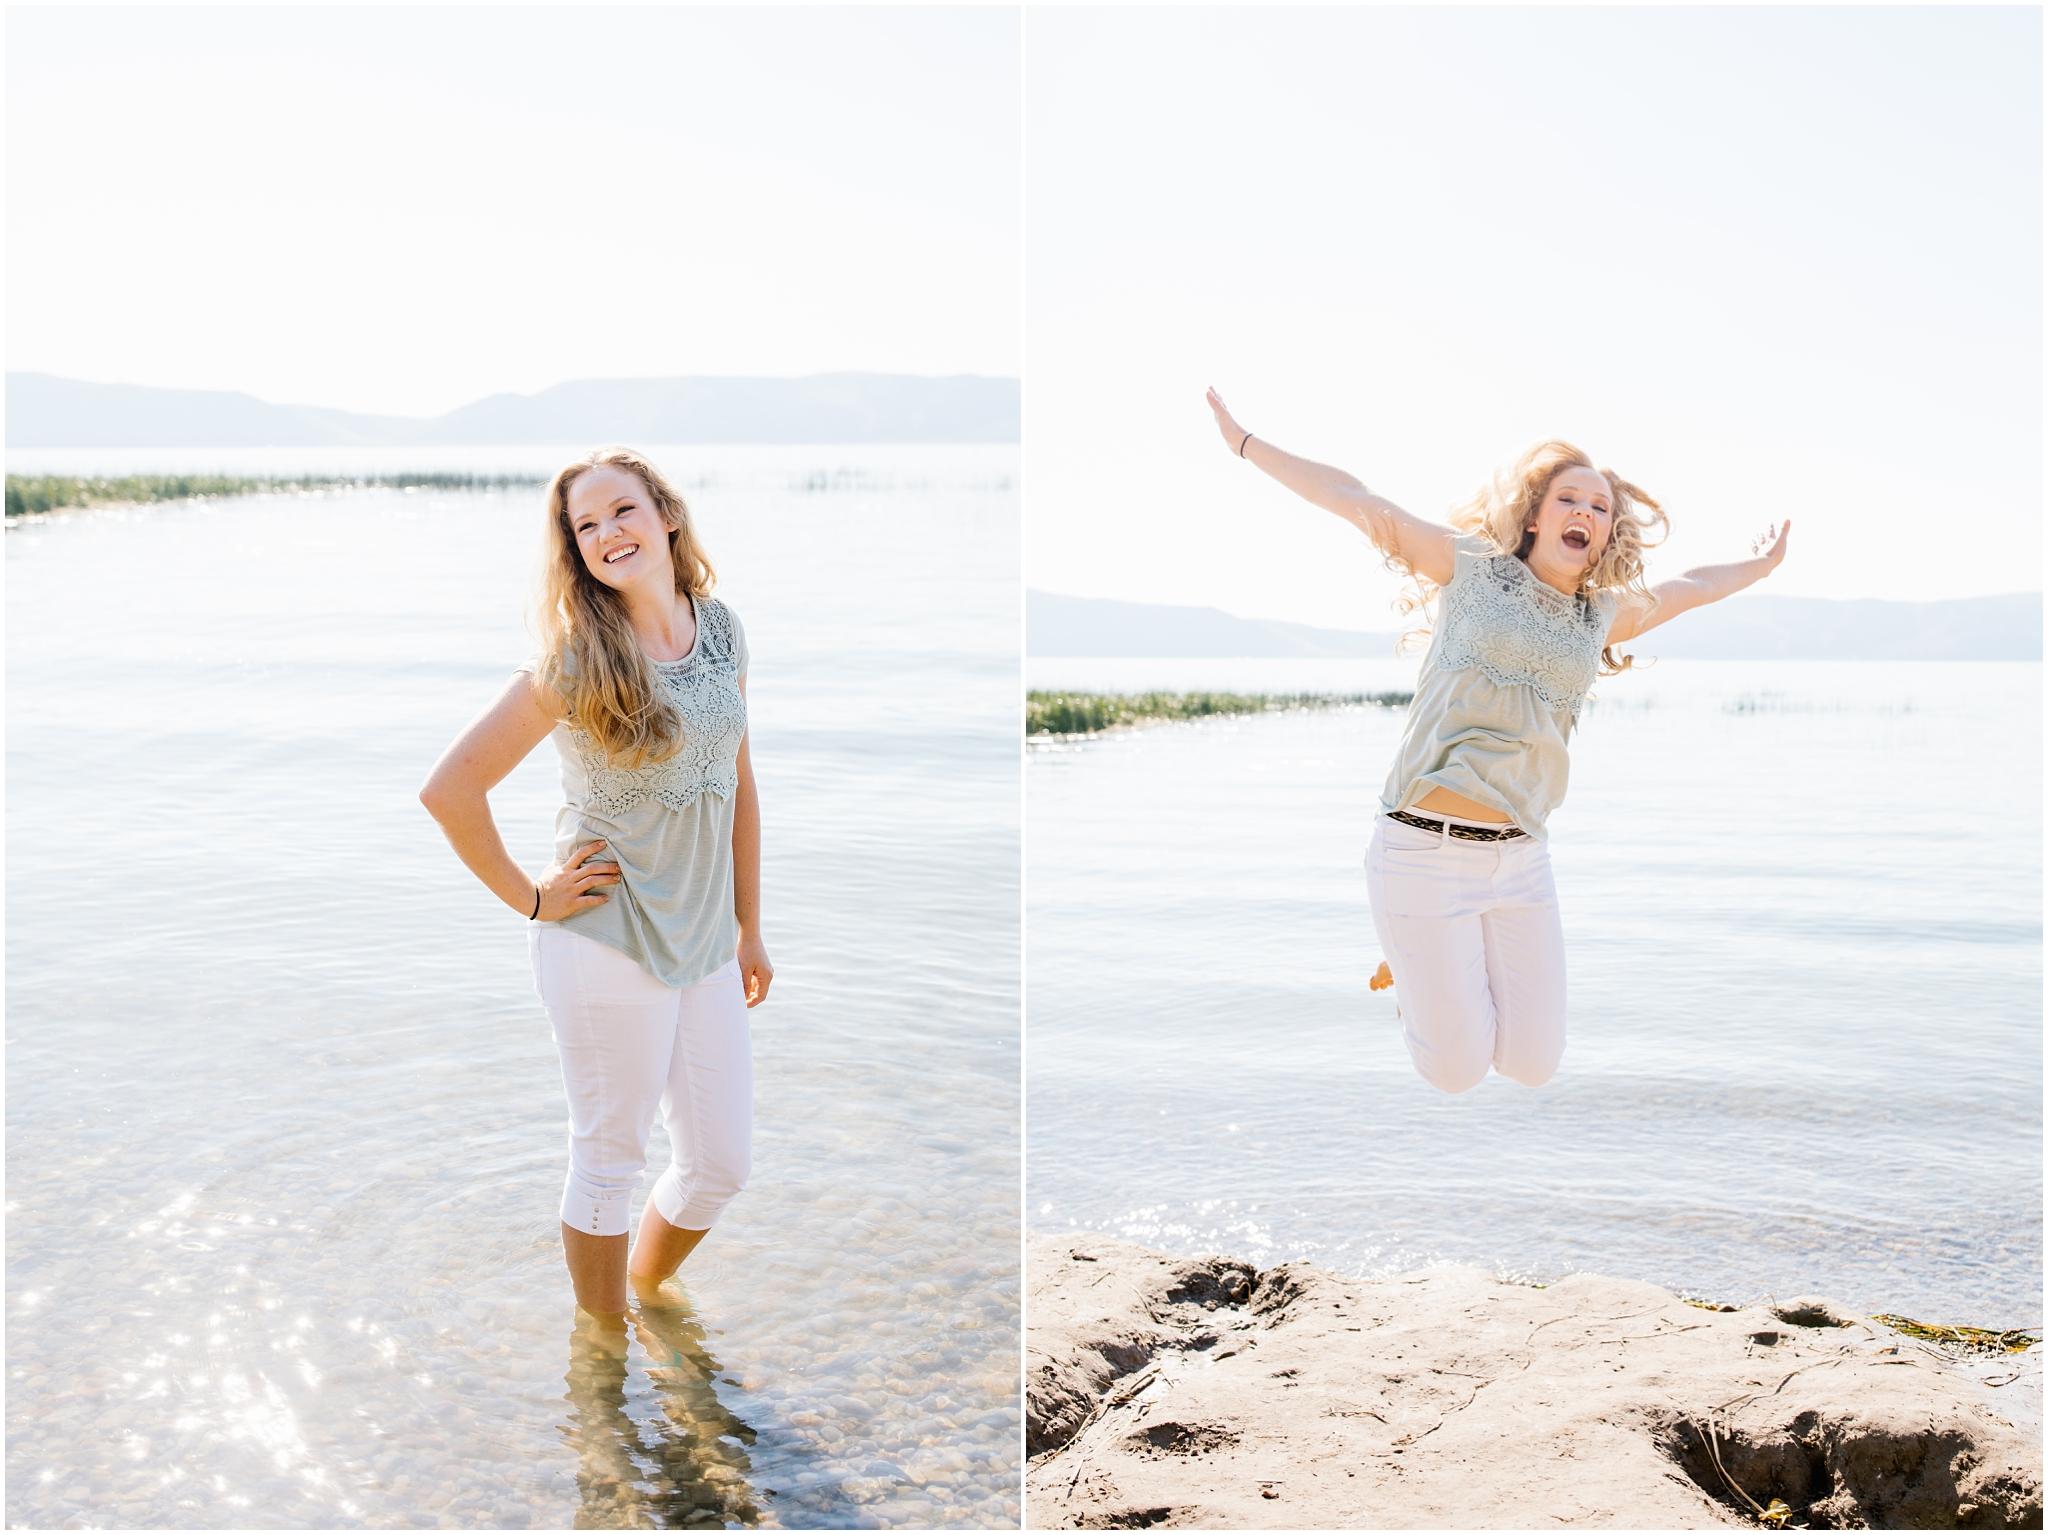 Harris-214_Lizzie-B-Imagery-Utah-Family-Photographer-Park-City-Salt-Lake-City-Bear-Lake-Idaho.jpg